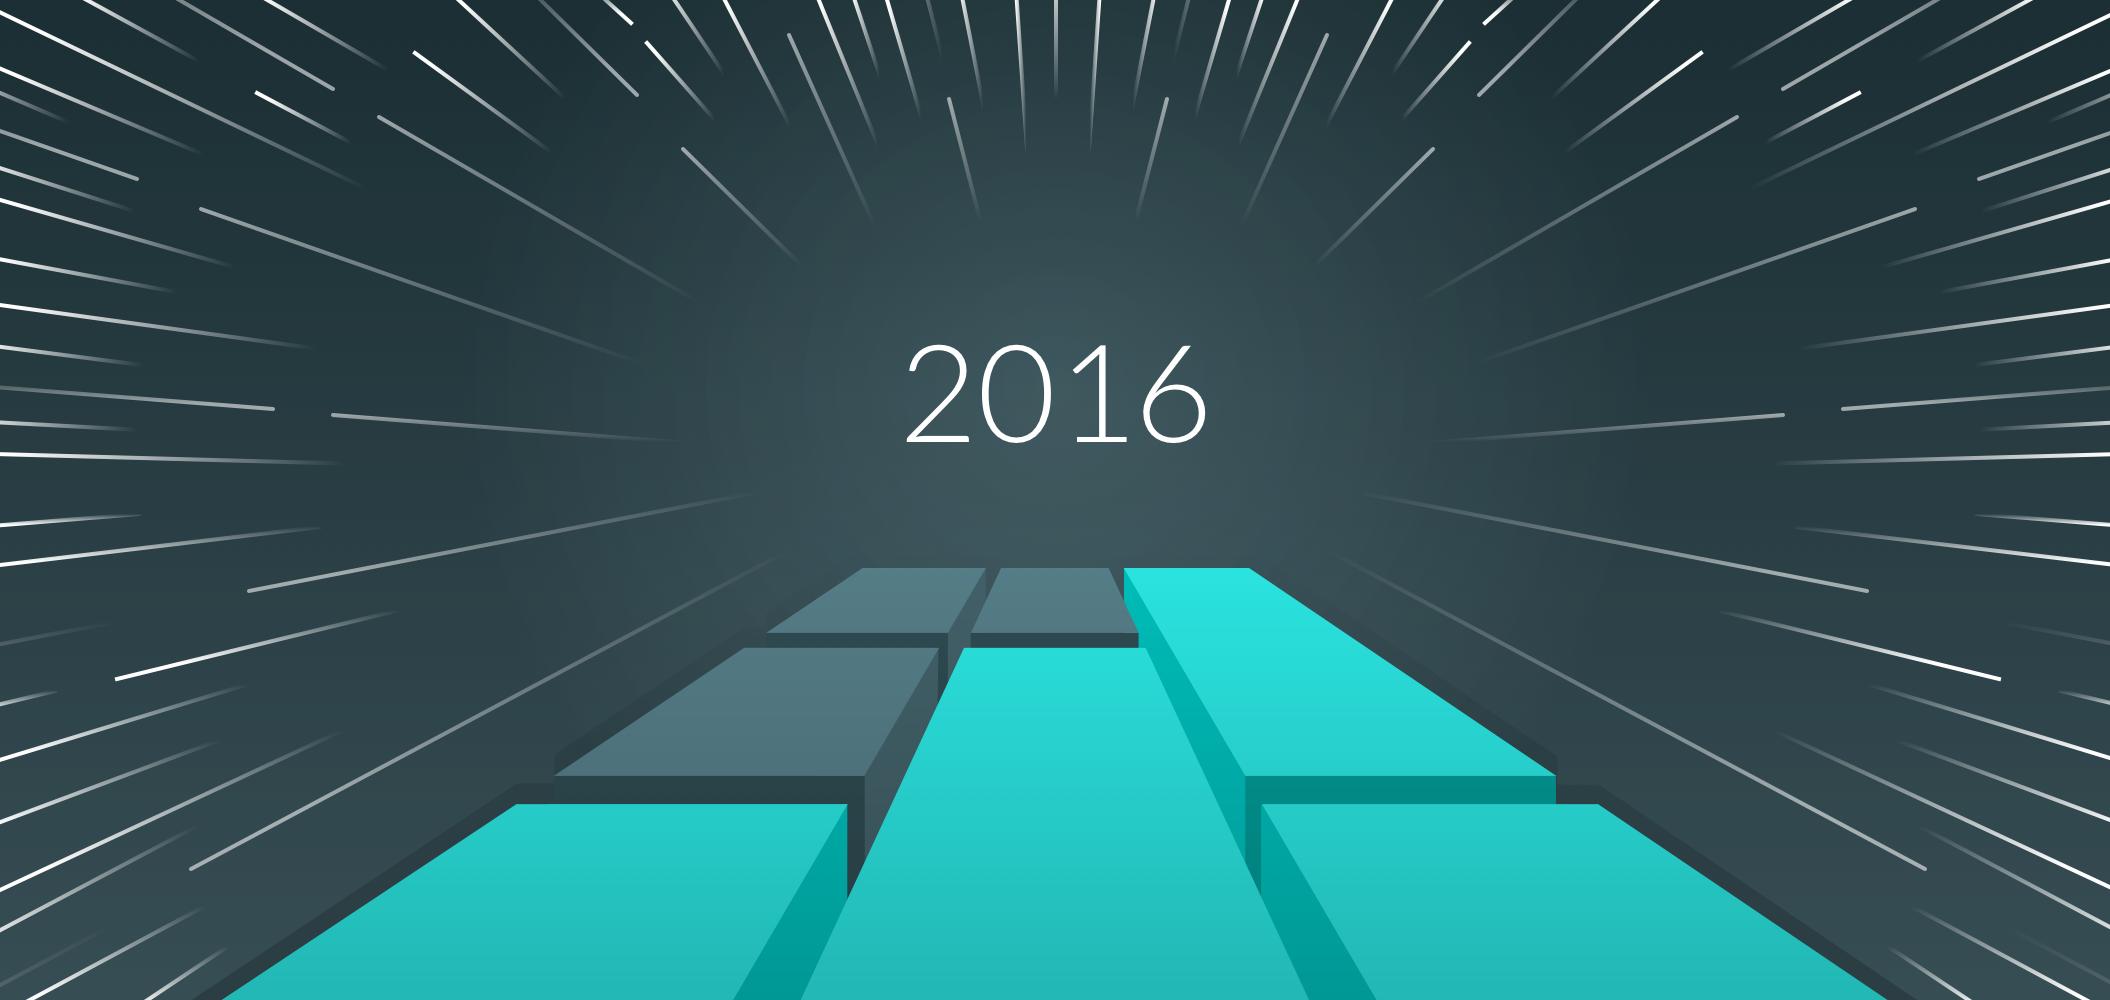 Sneak Peek: The Future of Setmore